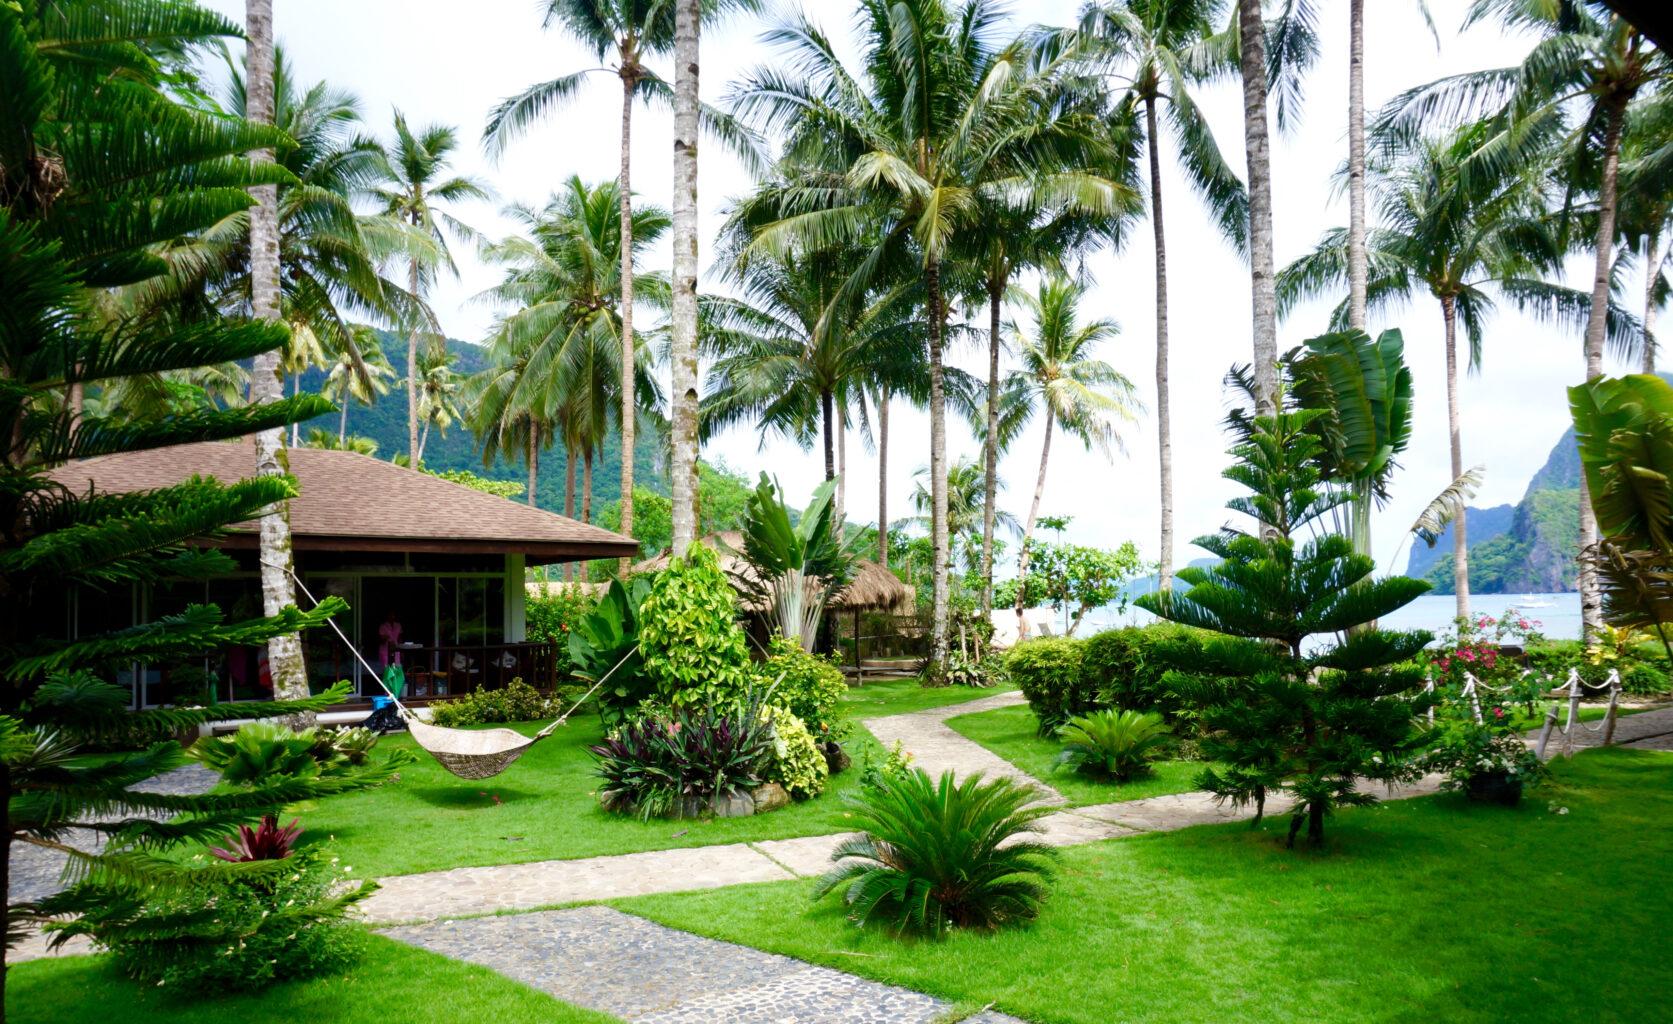 Cadlao resort El Nido - 1 (2)